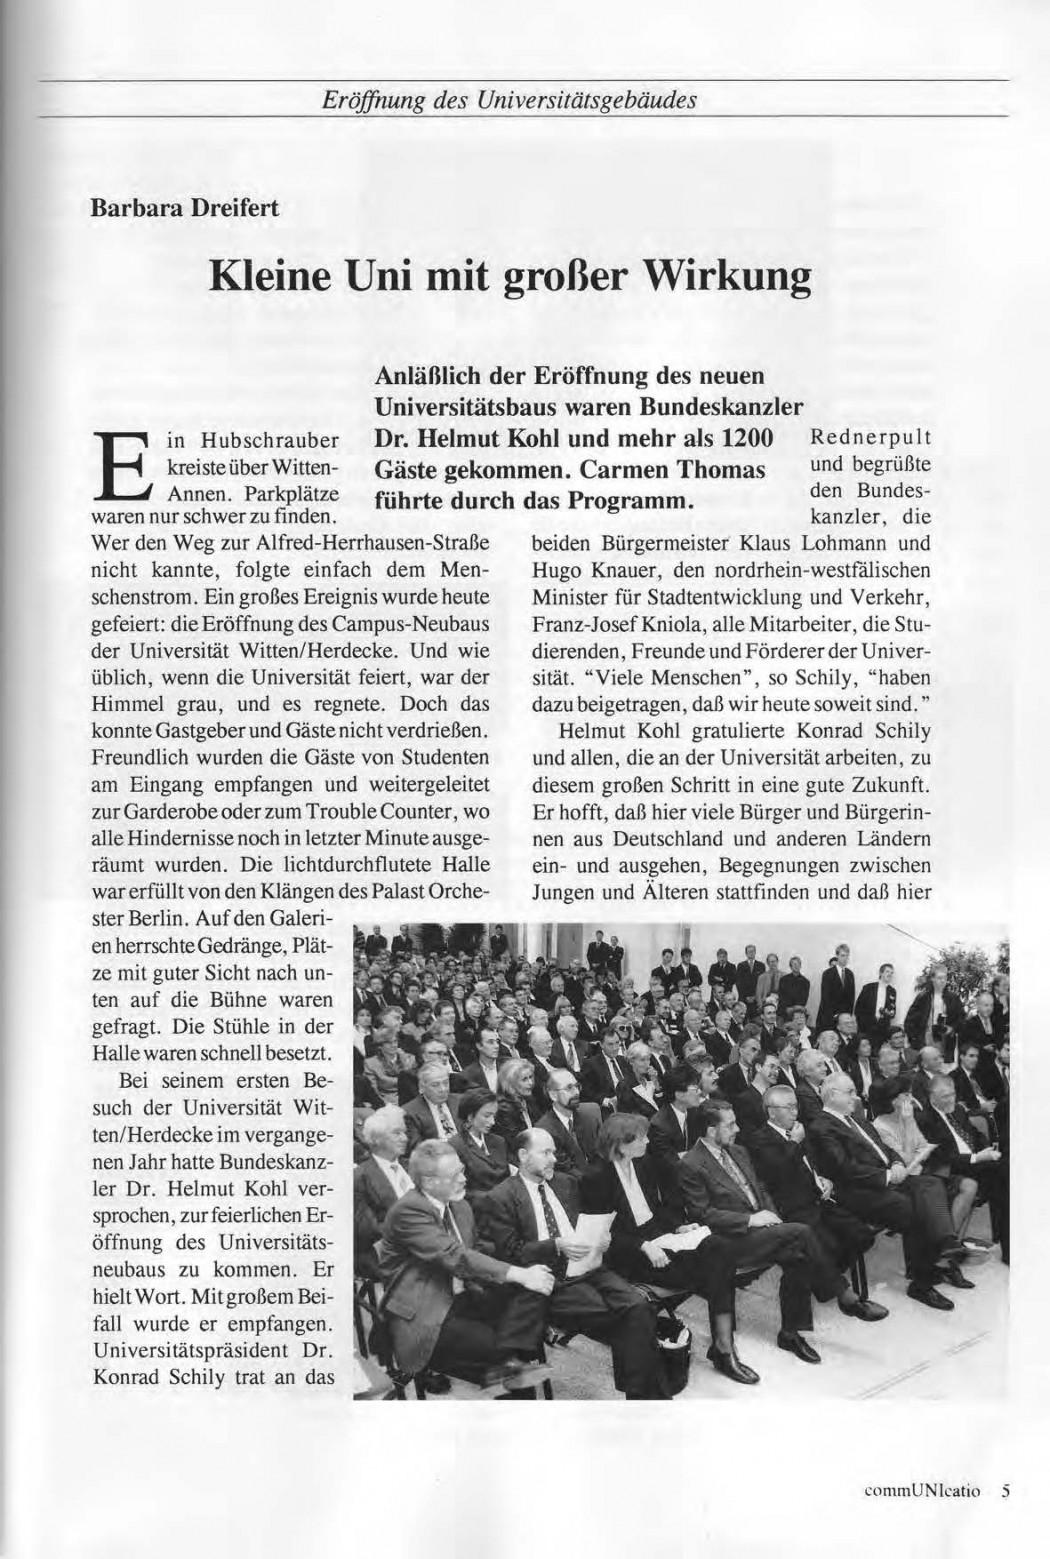 Universitaet Witten-Herdecke Dokumentation zur Eroeffnung_Seite_02